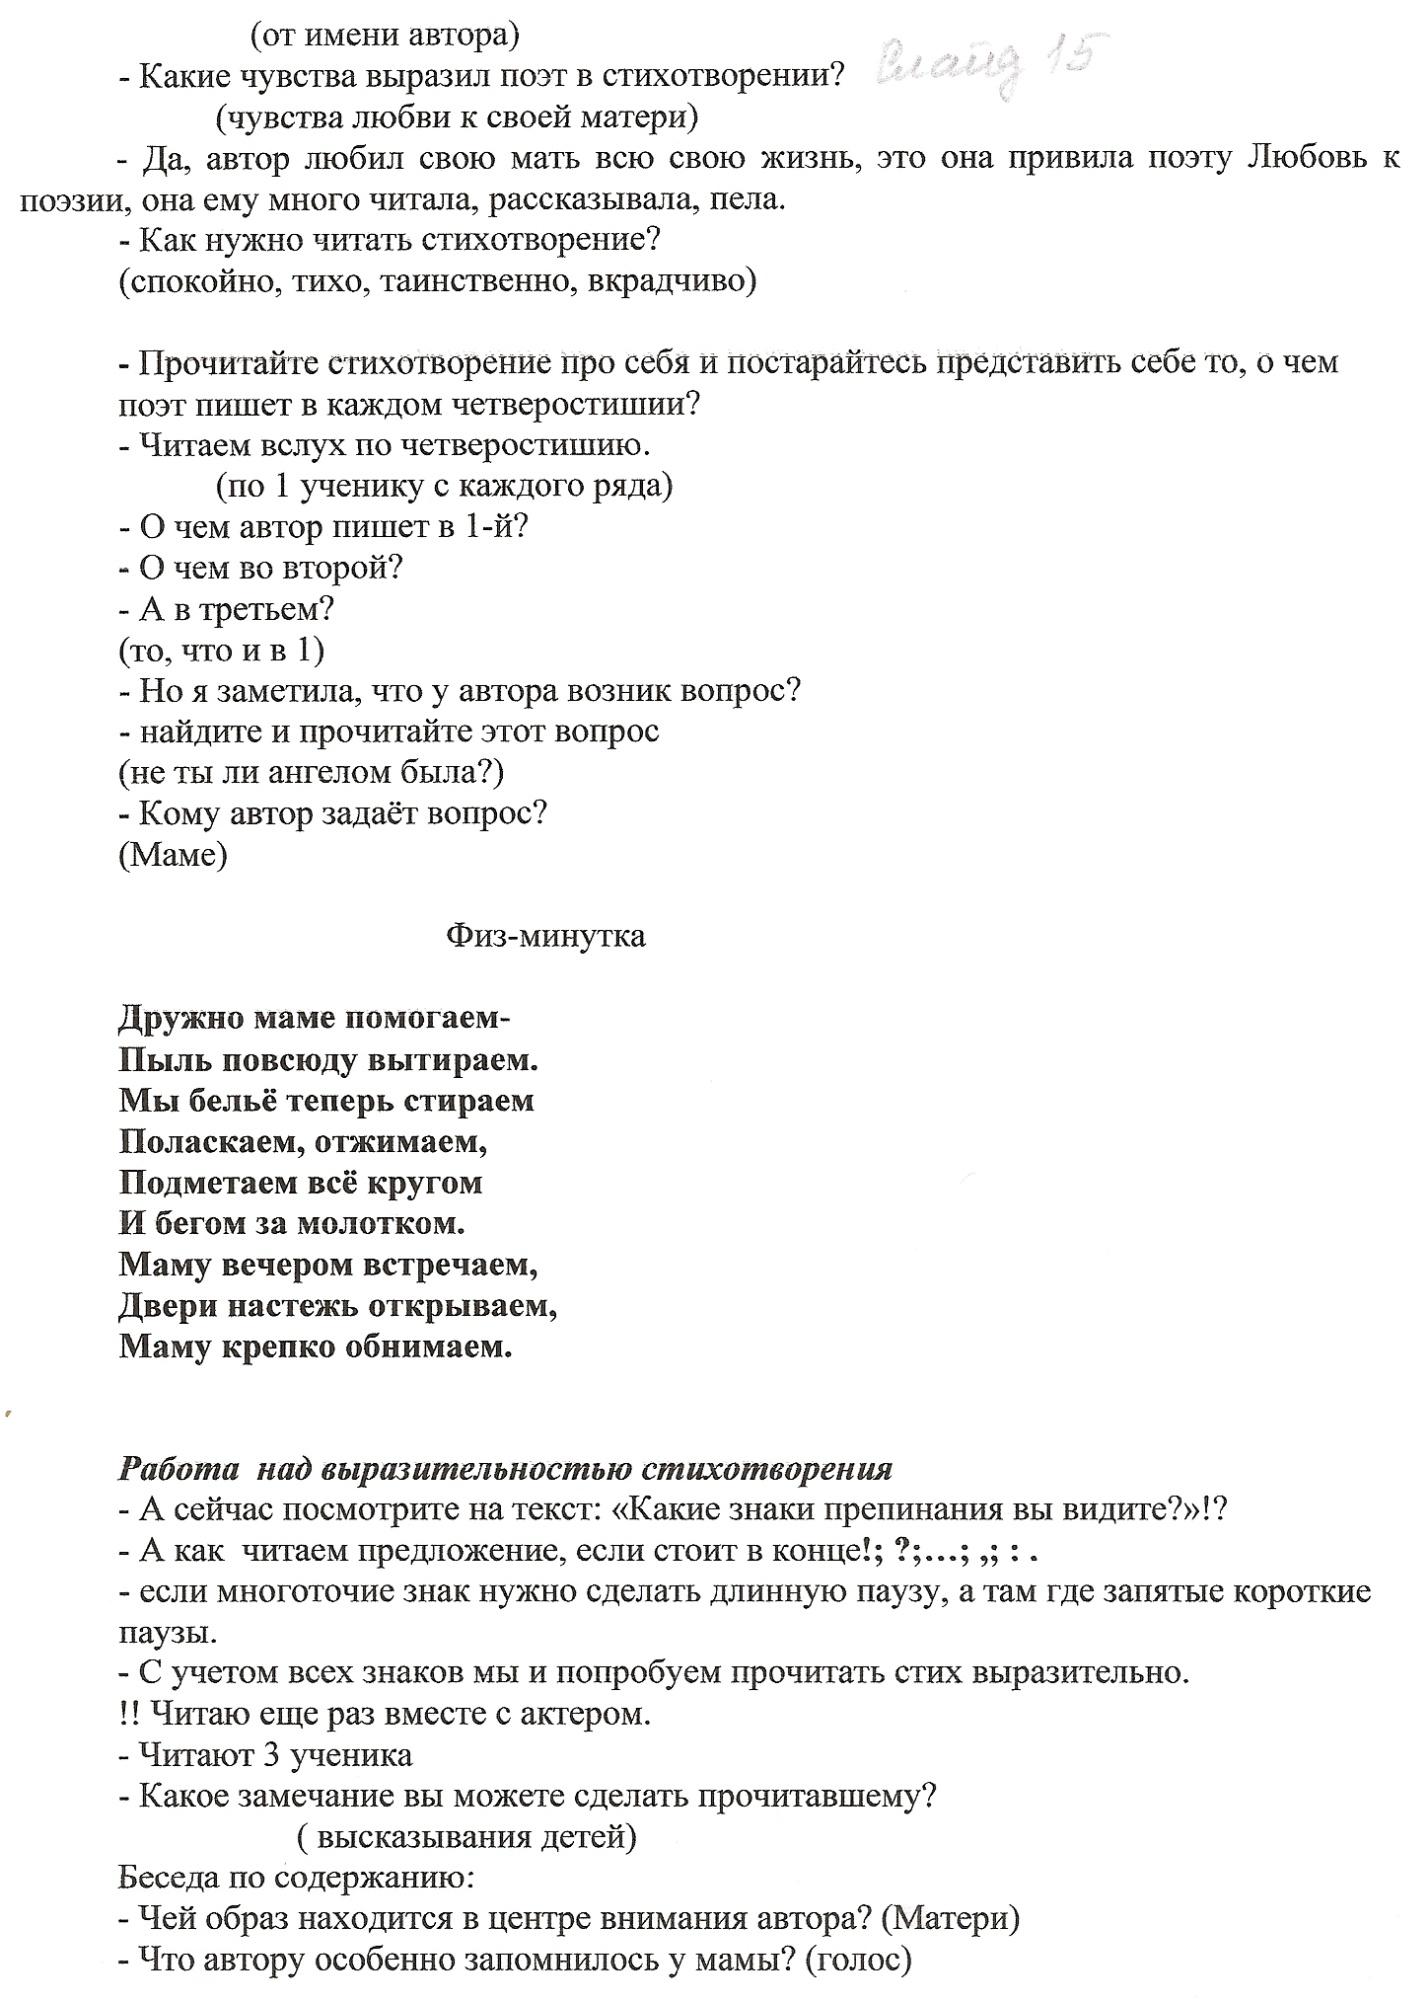 C:\Users\Сергей\Pictures\Мои сканированные изображения\сканирование0045.jpg